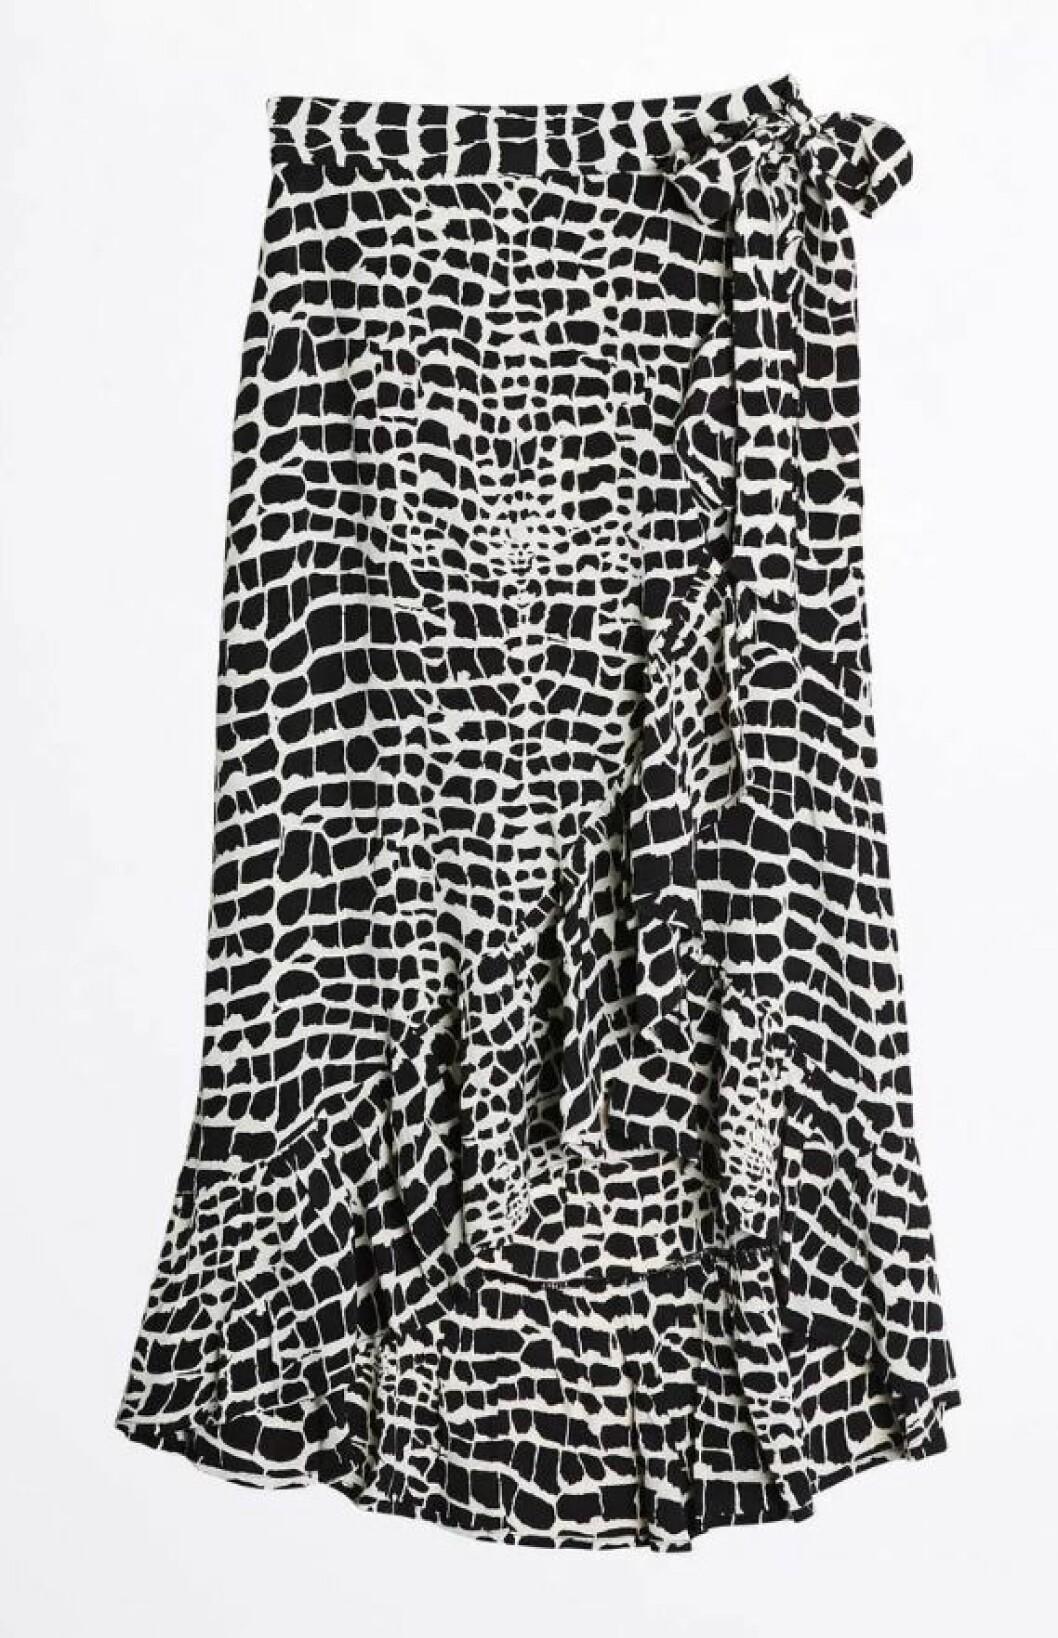 Svartvit kjol i omlottmodell från Gina tricot